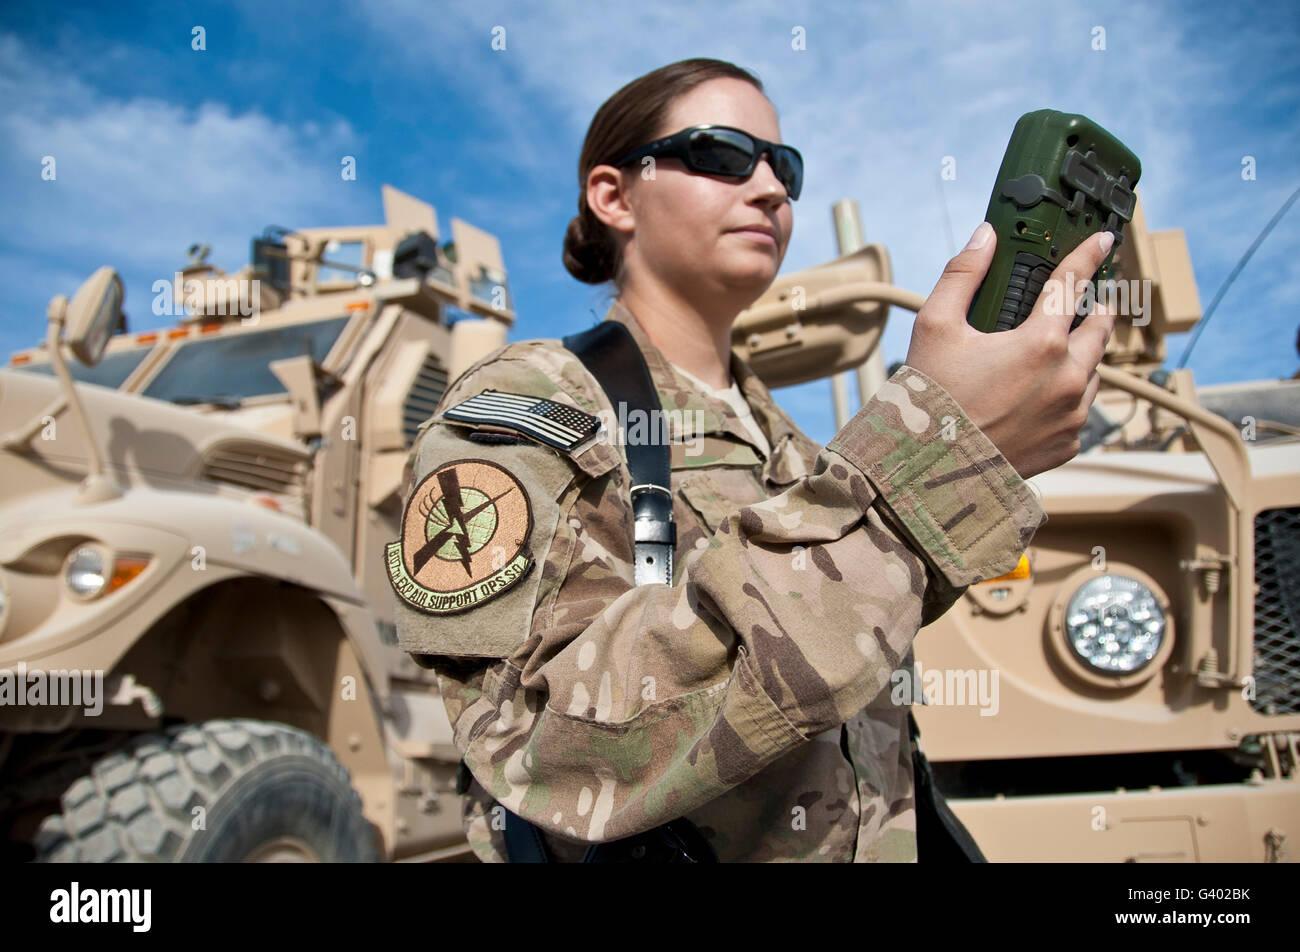 Air Force capitano guarda a una difesa avanzata del ricevitore GPS. Immagini Stock